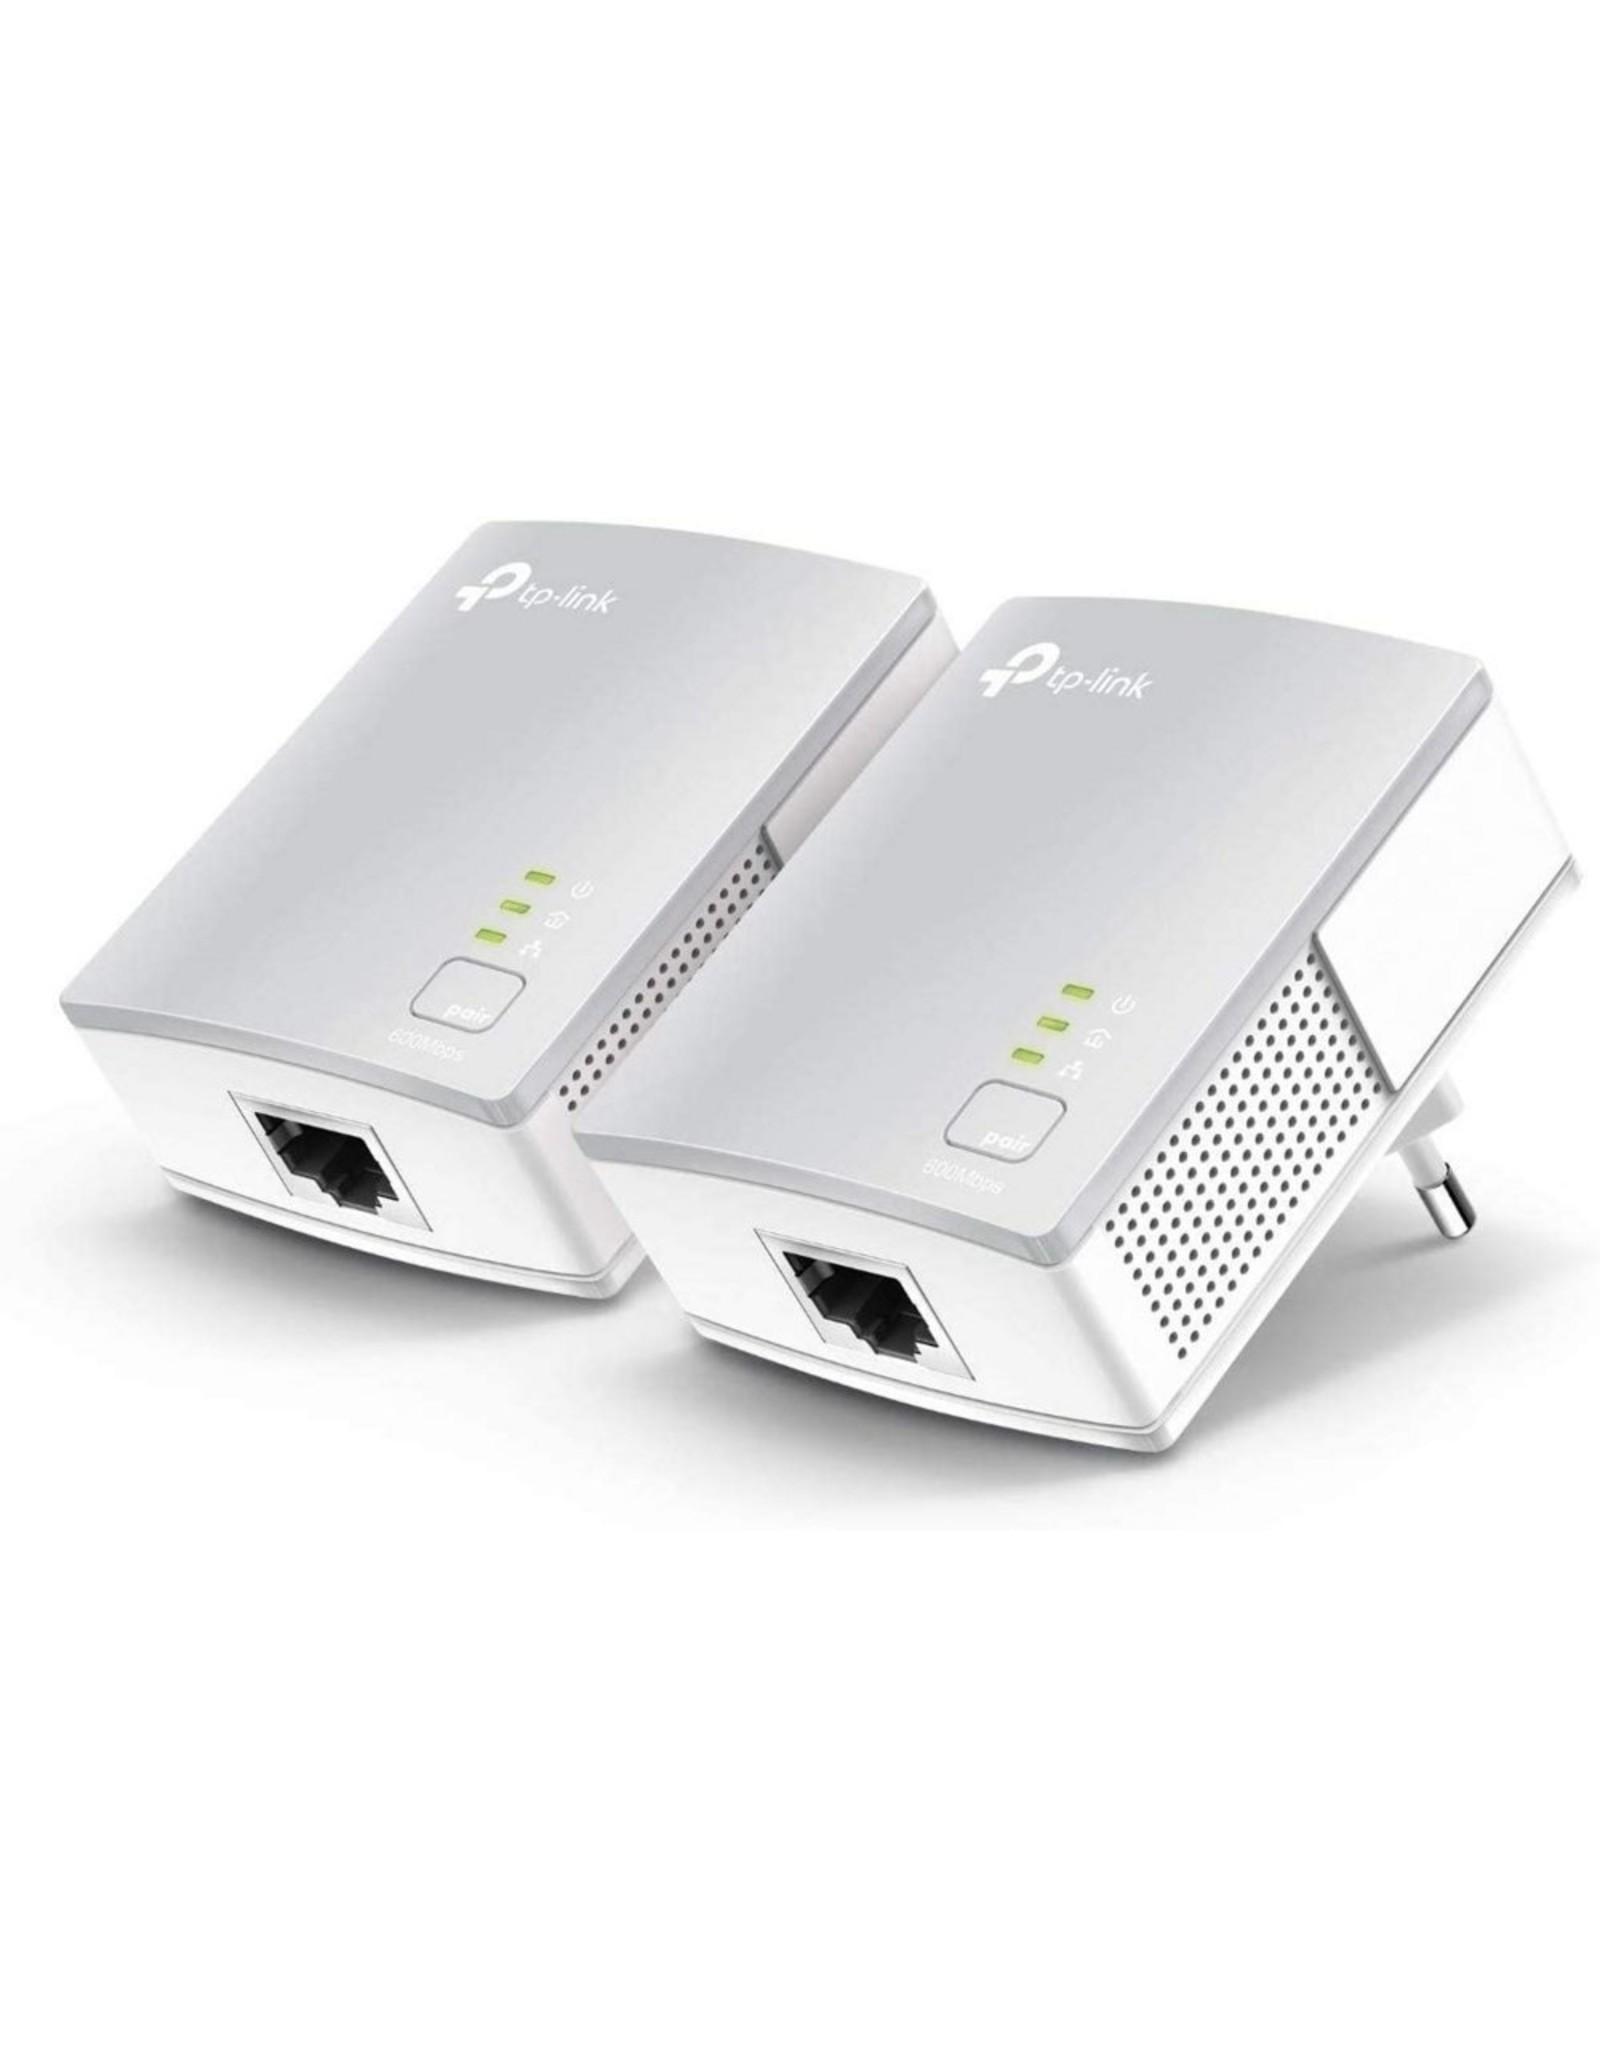 TP-Link 4010 Nano Powerline Adapter 500Mbps - Starterkit (refurbished)